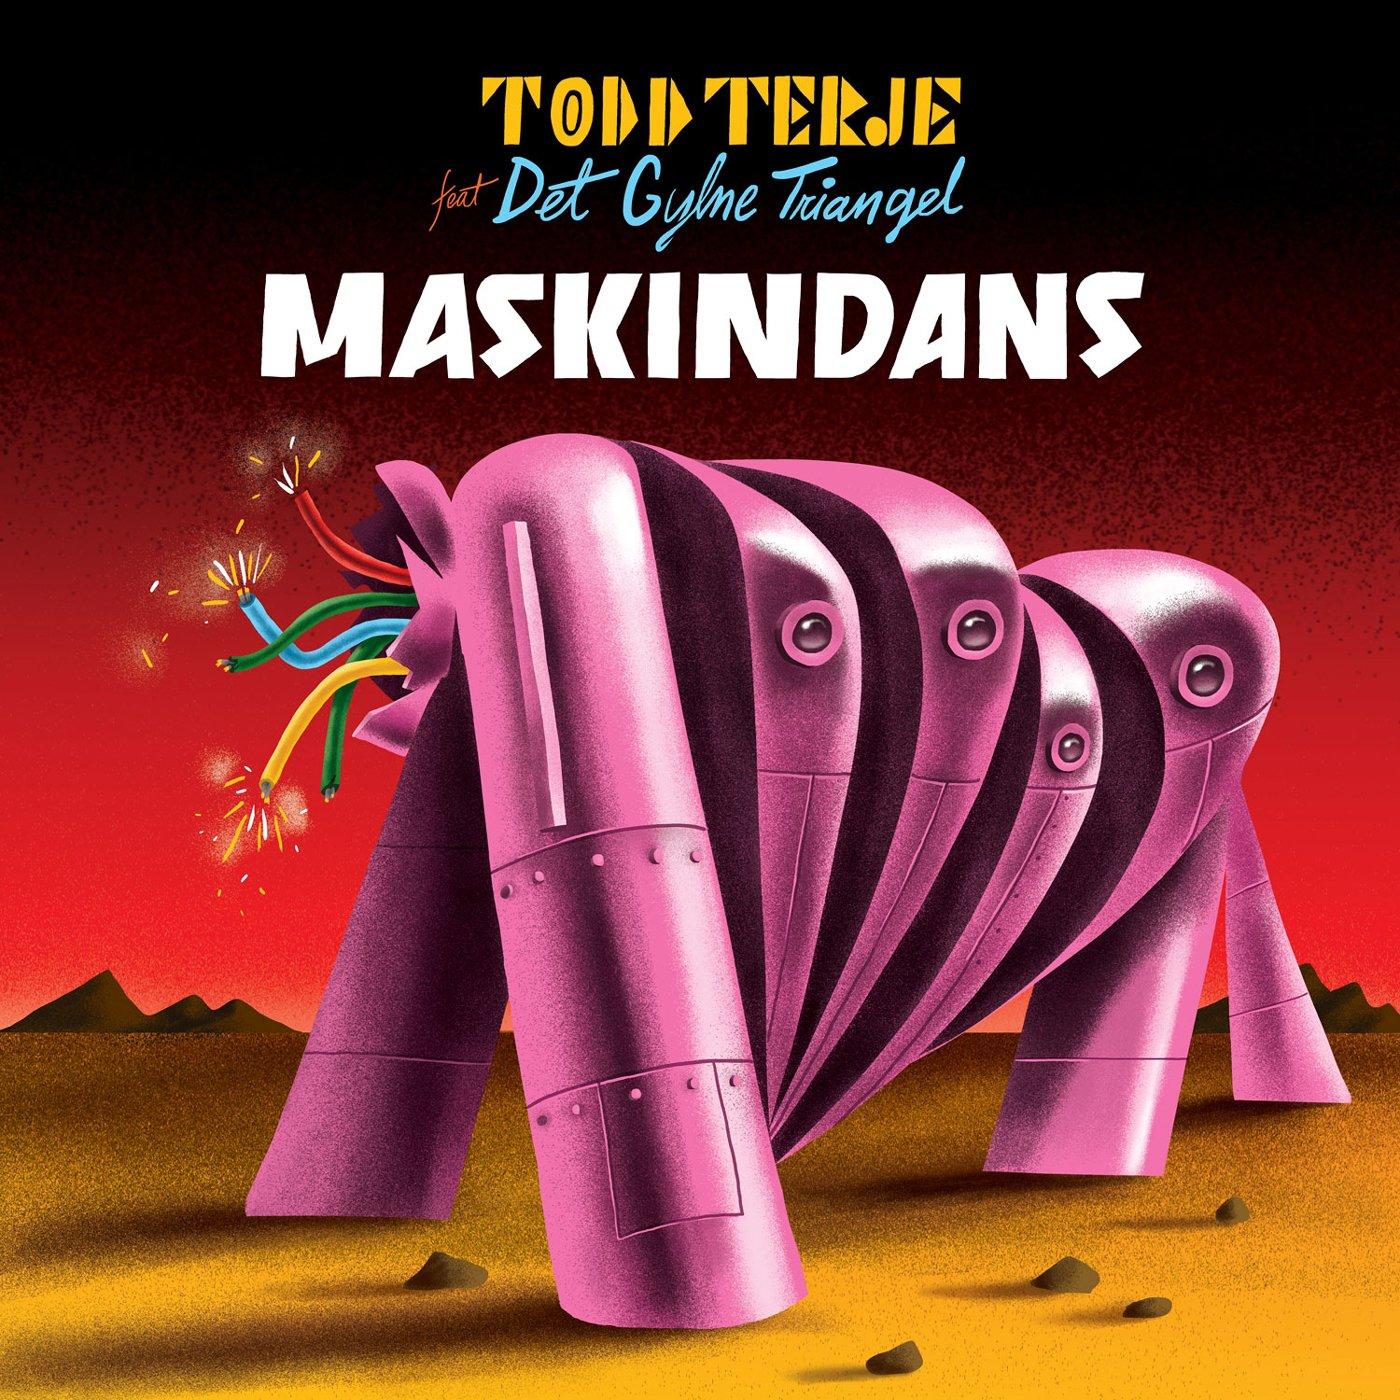 Todd Terje - Maskindans